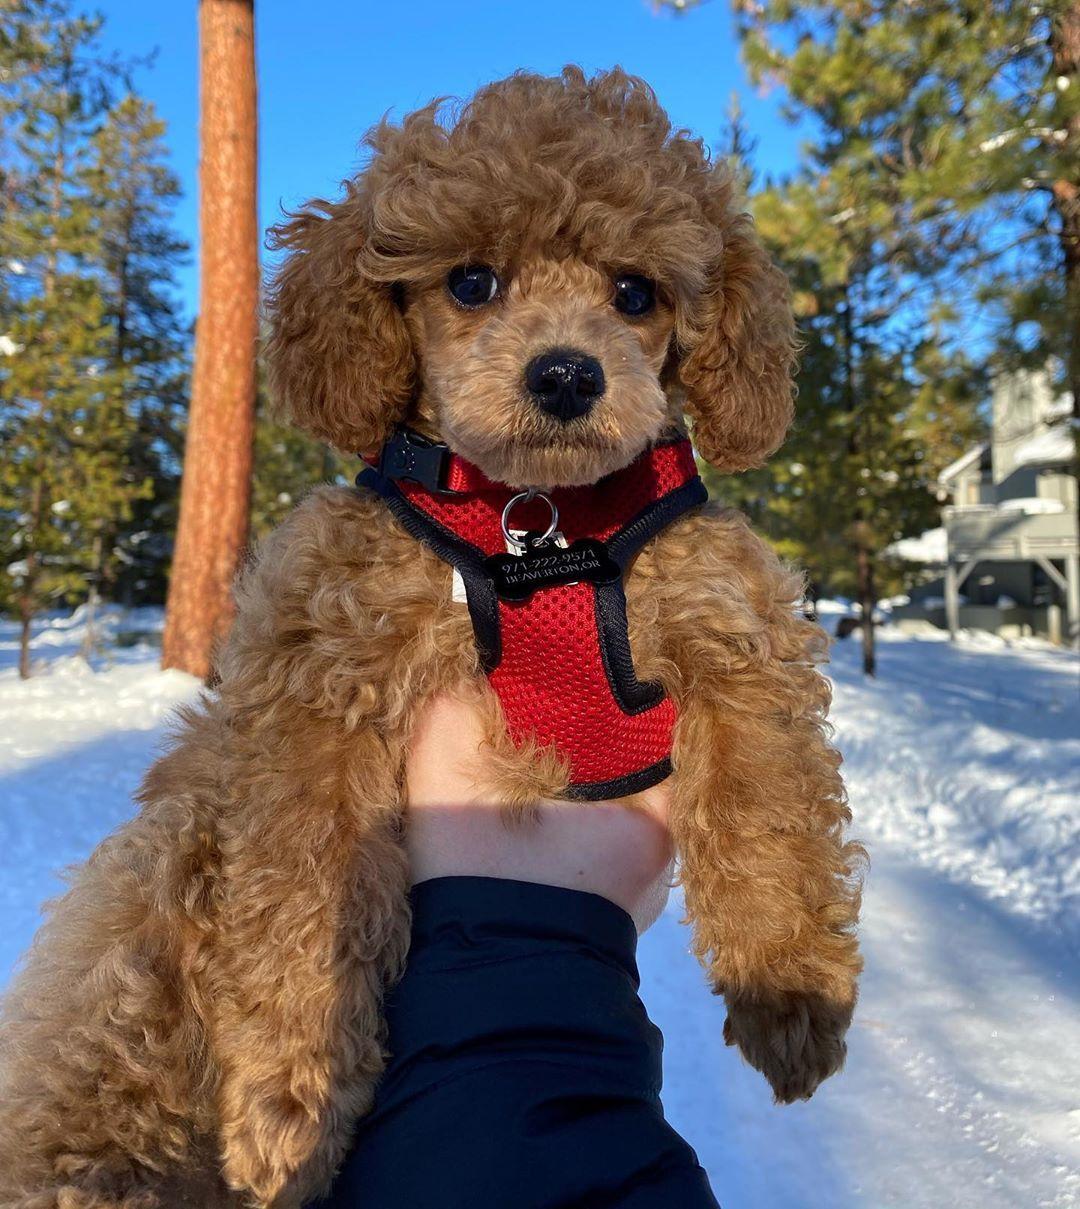 My little teddy bear 🐻 #emmett #emmettthetoypoodle #toy #toypoodle #poodle #poodlelife #poodlesofinstagram...